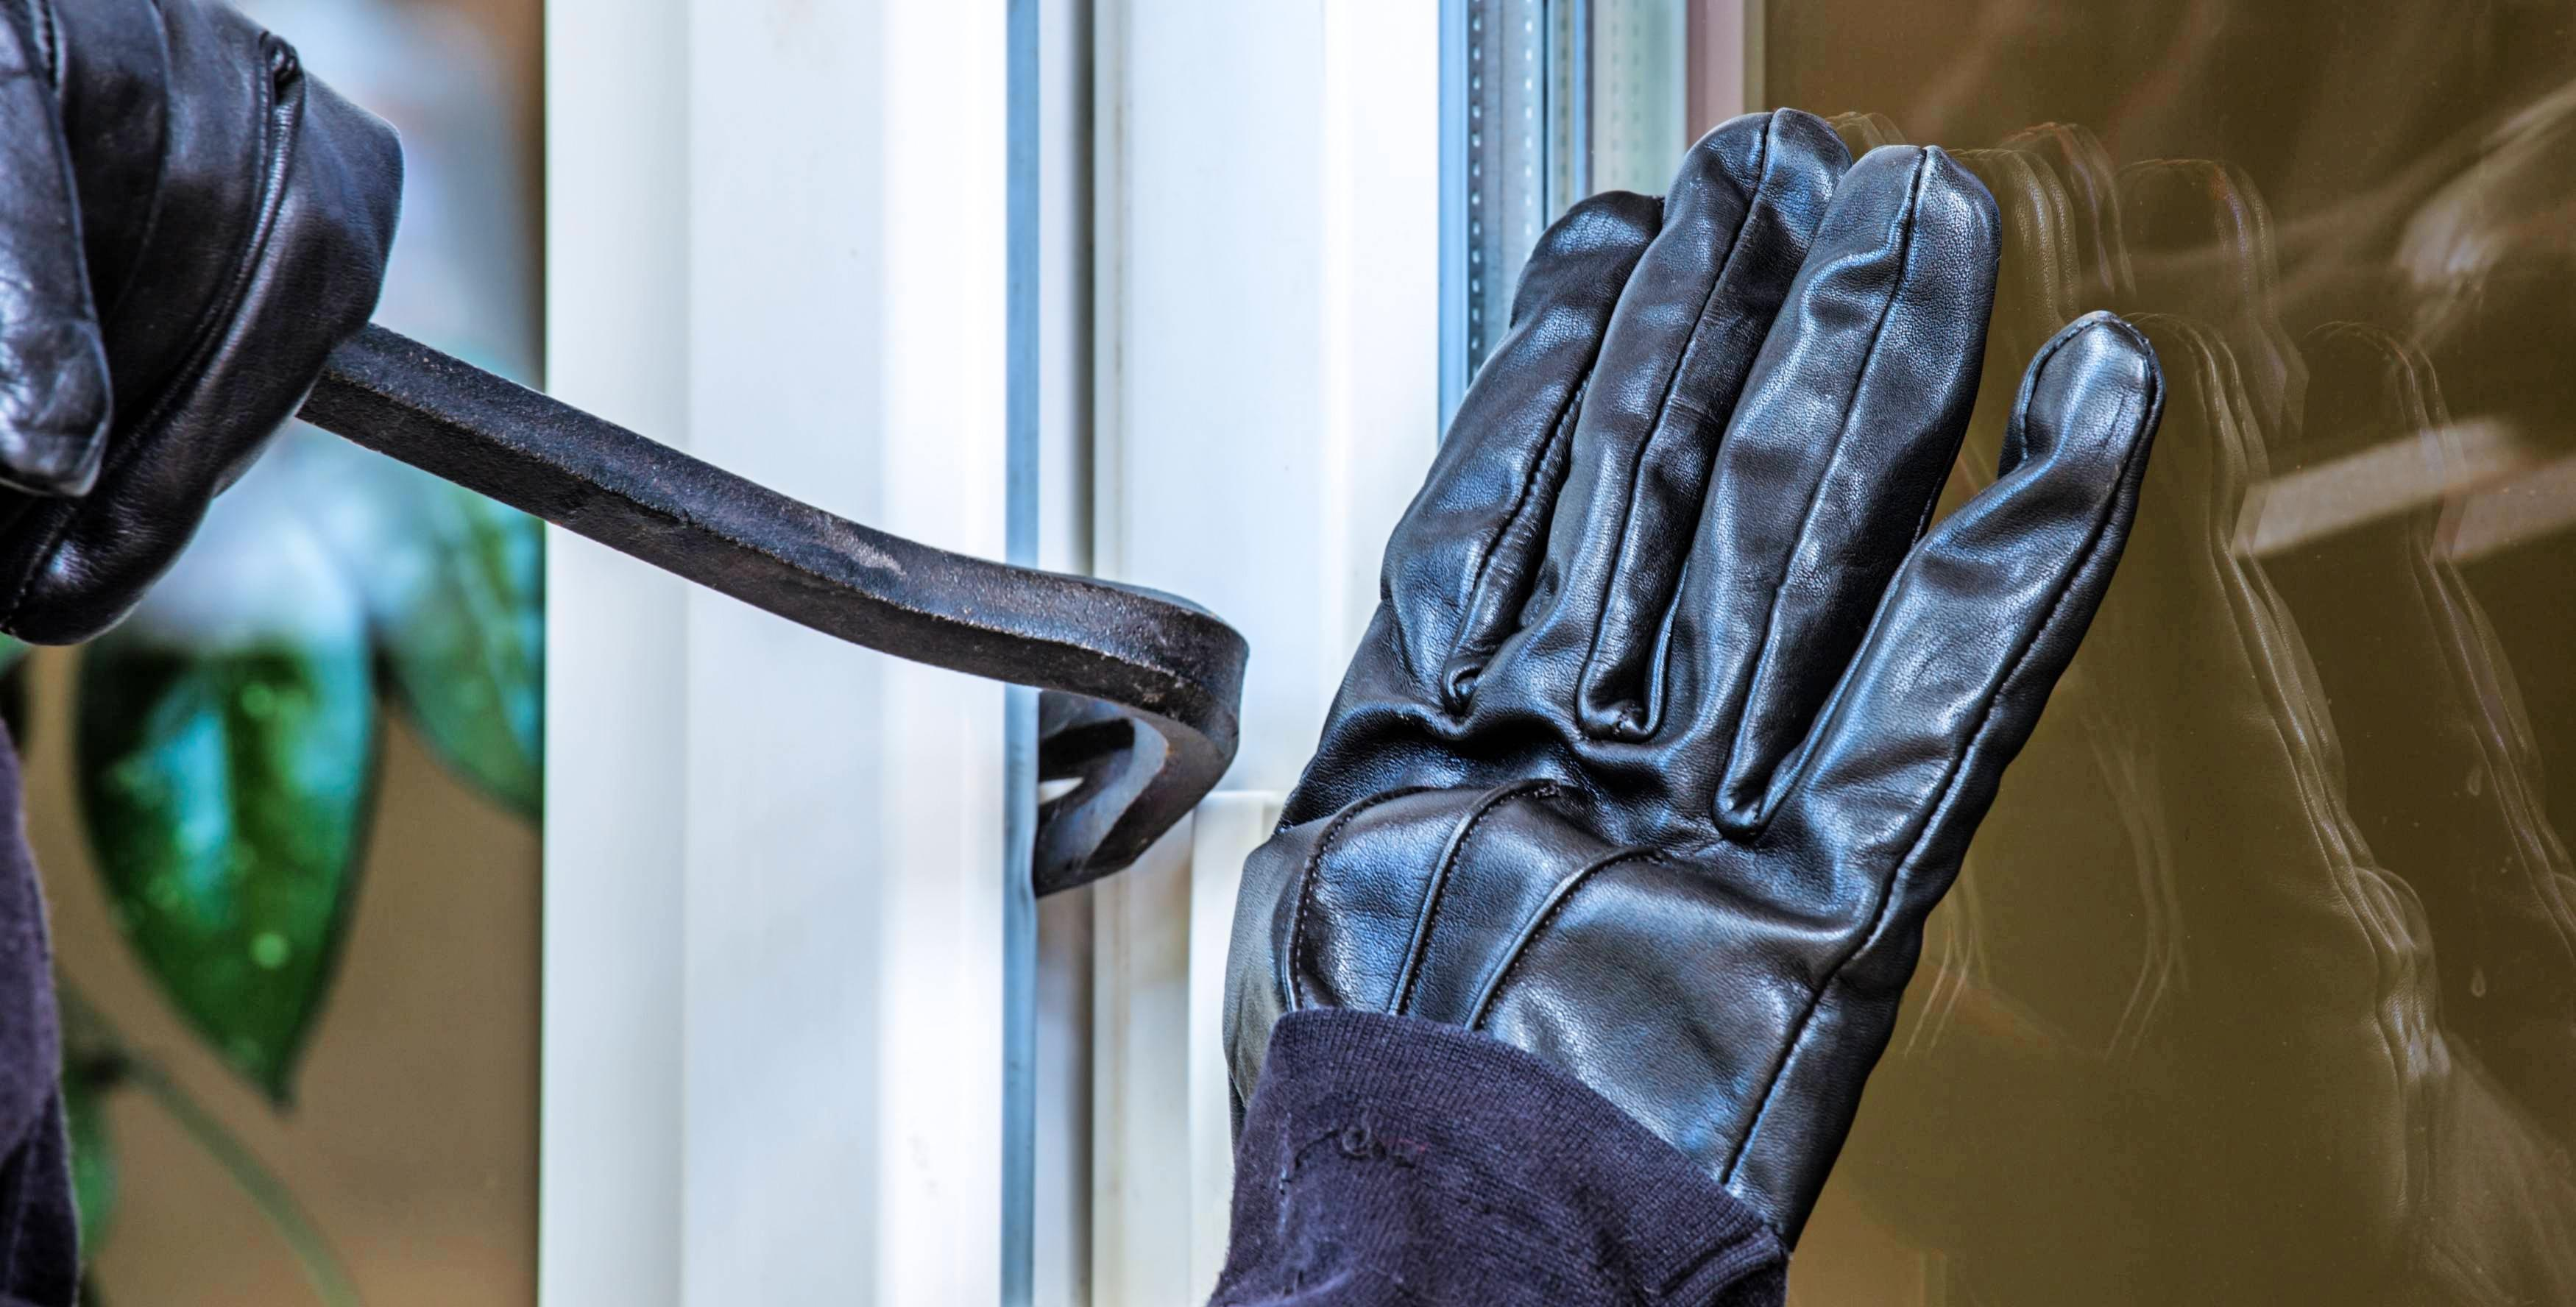 Terrassentüren sind ein Schwachpunkt und werden darum gerne von Einbrechern aufgesucht. Foto: Rainer Fuhrmann/stock.adobe.com